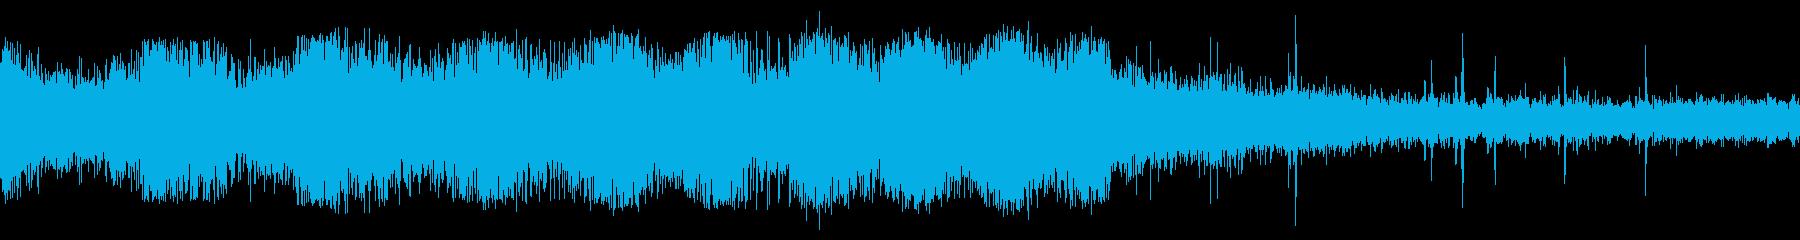 列車の発車する音の再生済みの波形